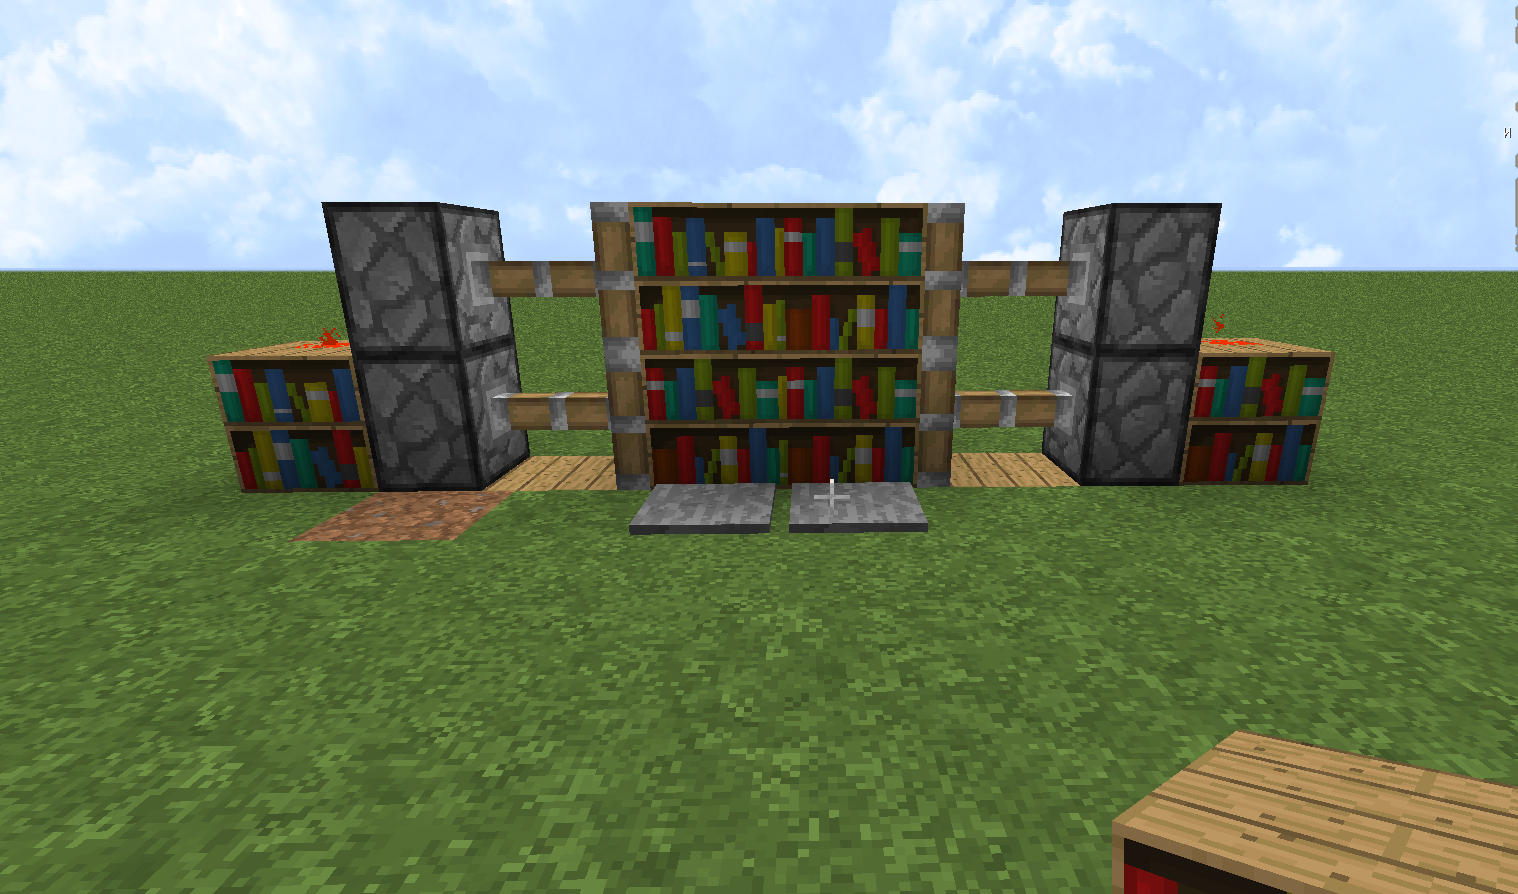 我的世界红石建自动筑制作教程